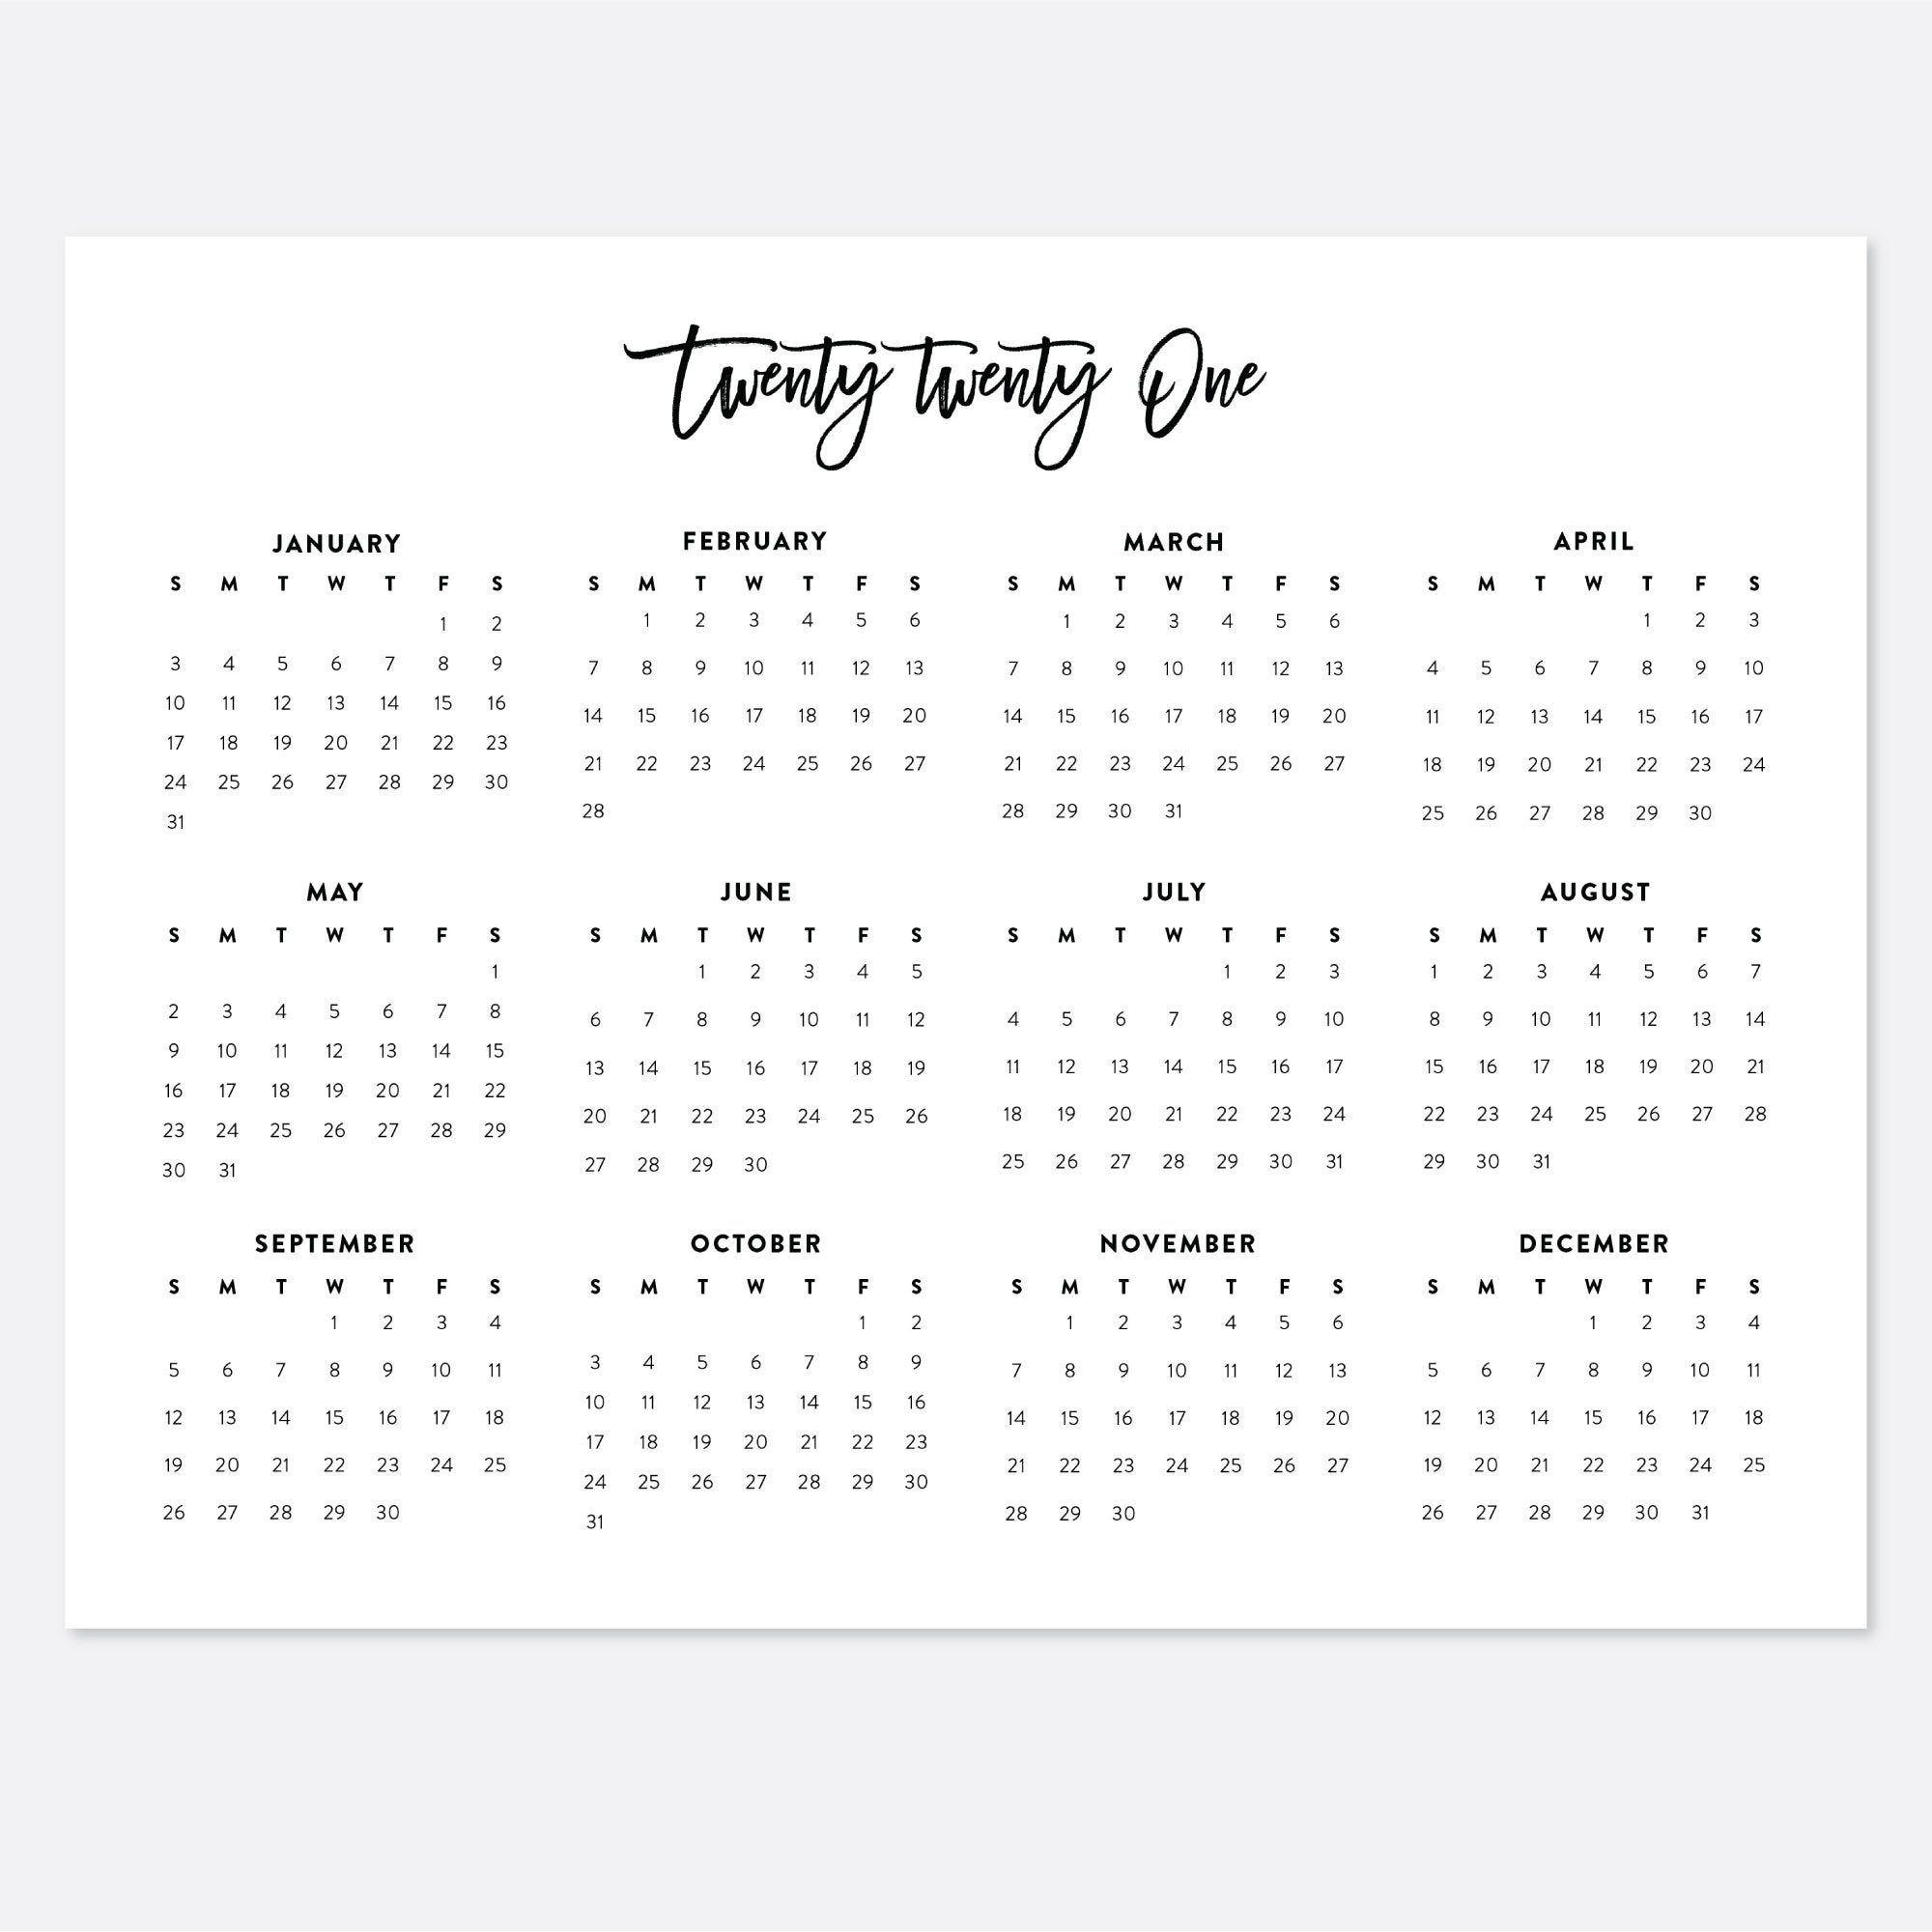 Get Calendar At A Glance 2021